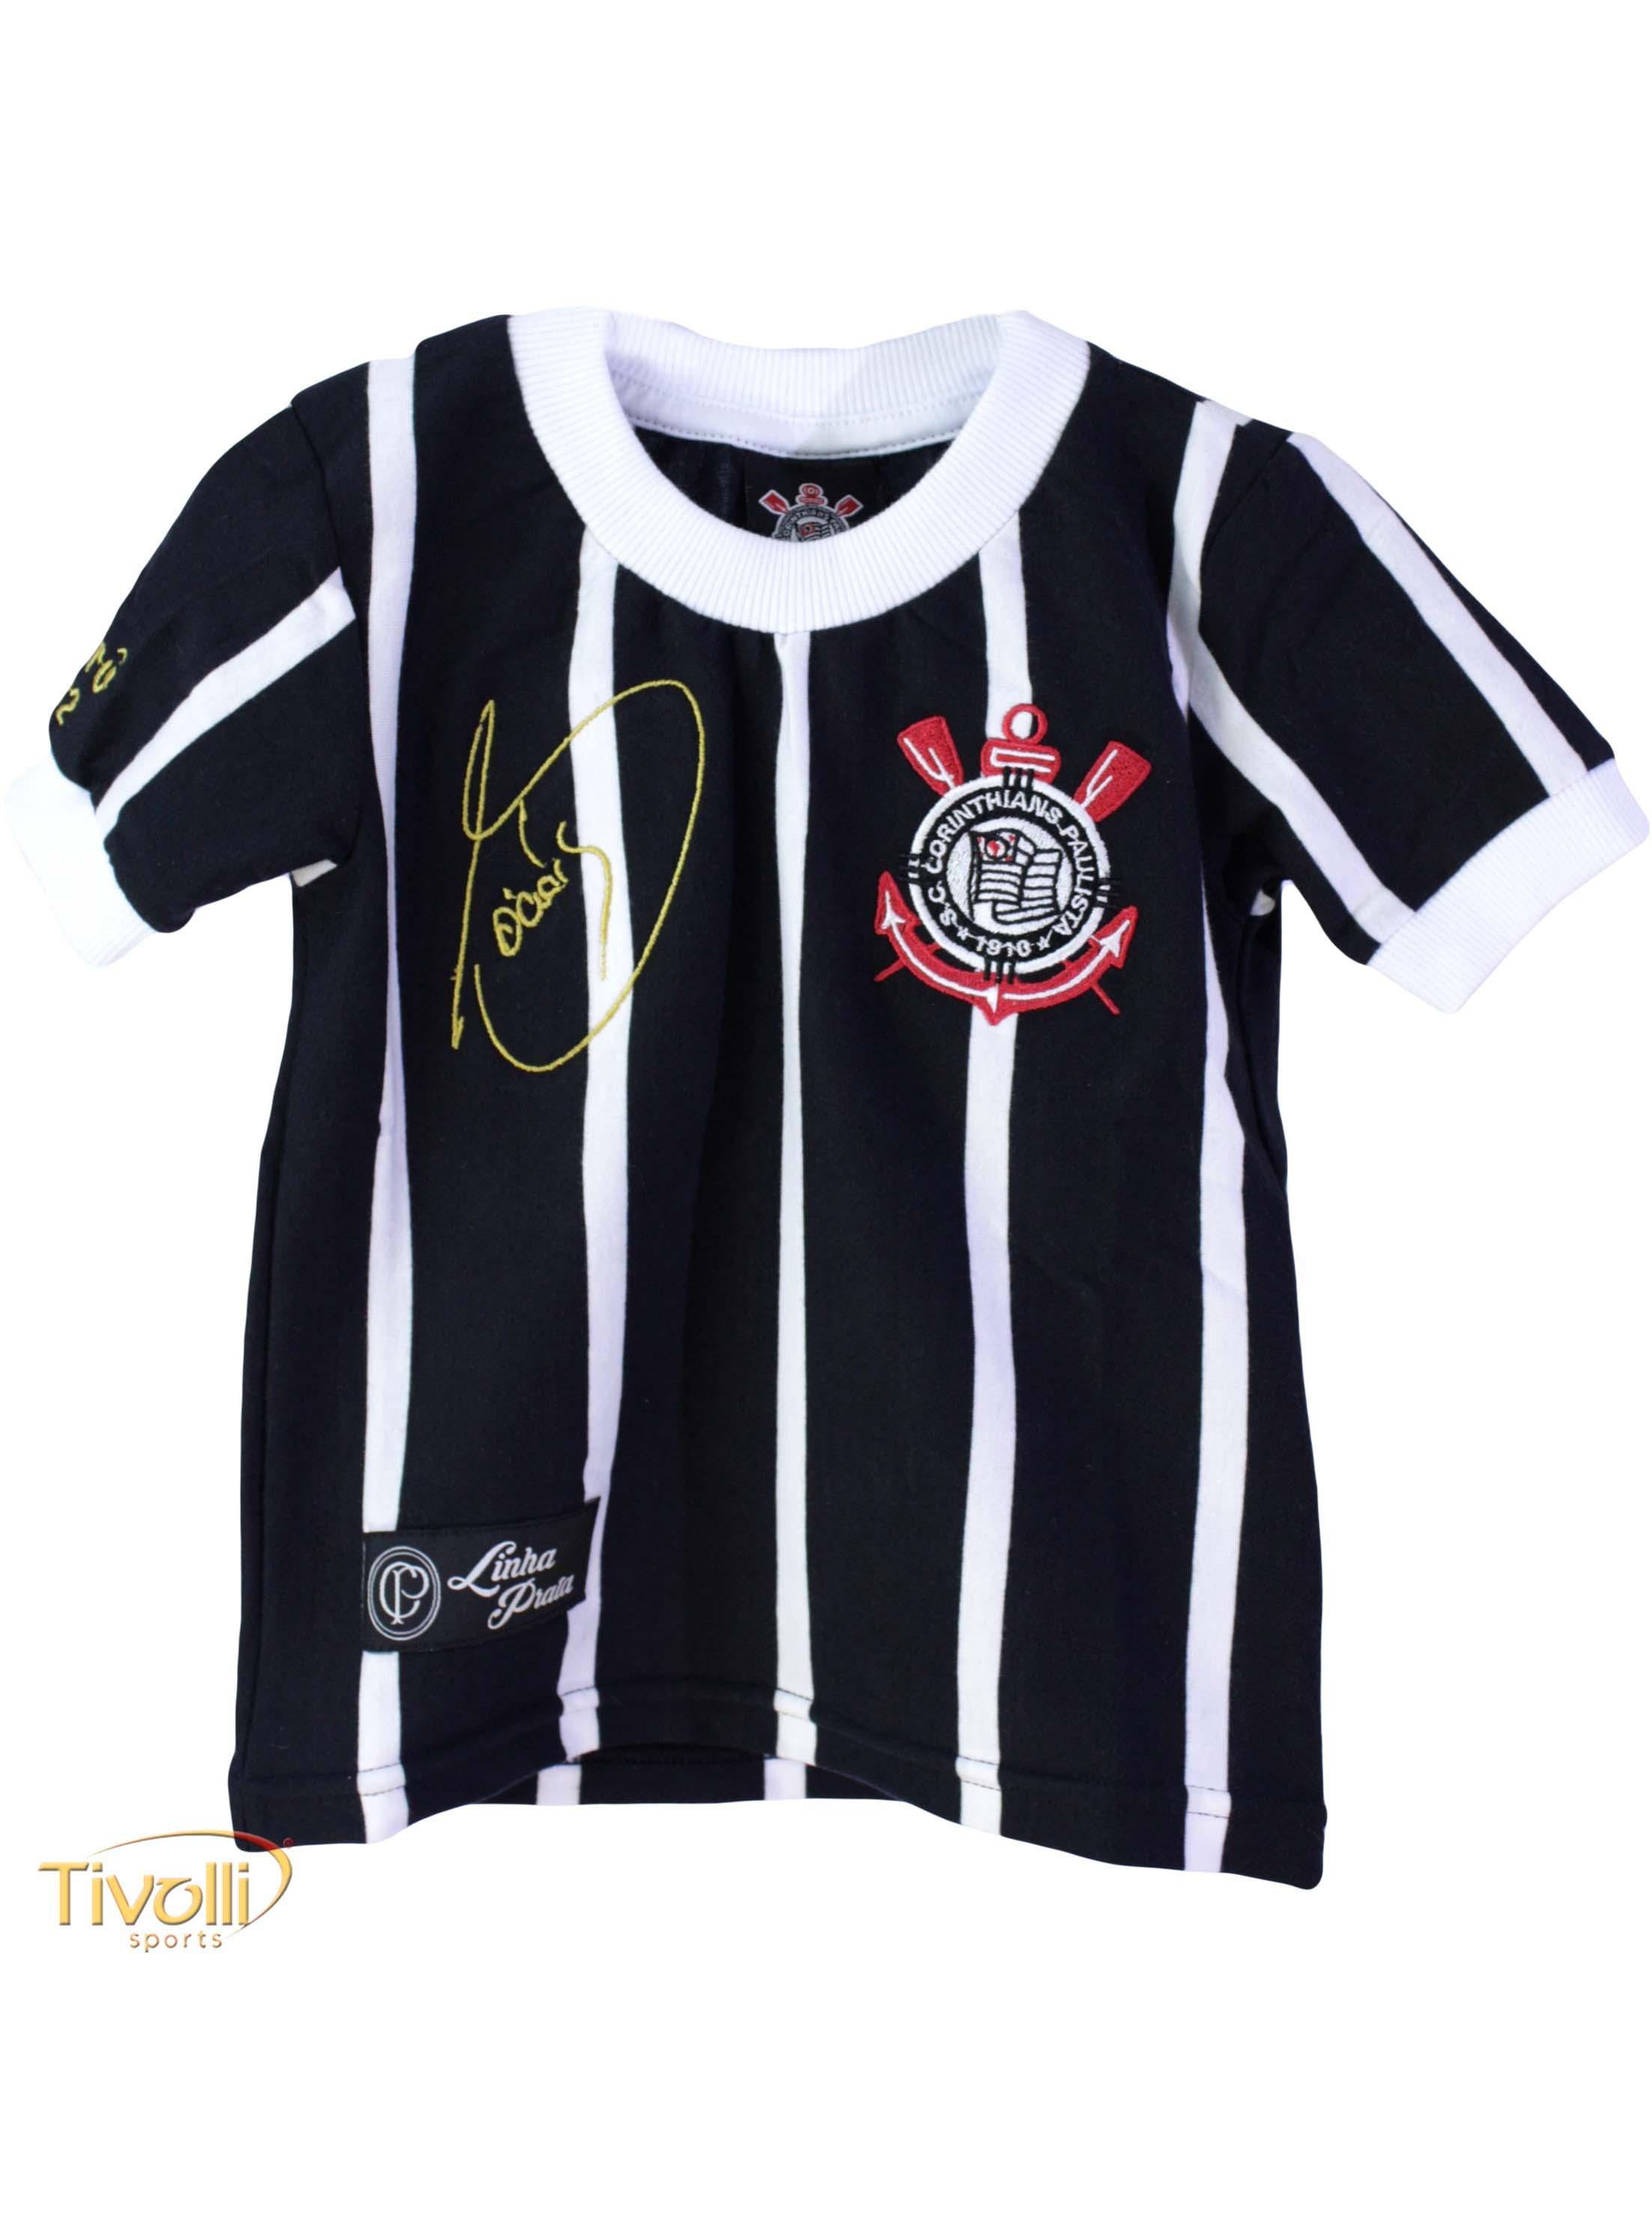 Camisa Corinthians Réplica Sócrates Democracia Corinthiana 1982 Infantil  Listrada Preta e Branca 284f18a1ce00a